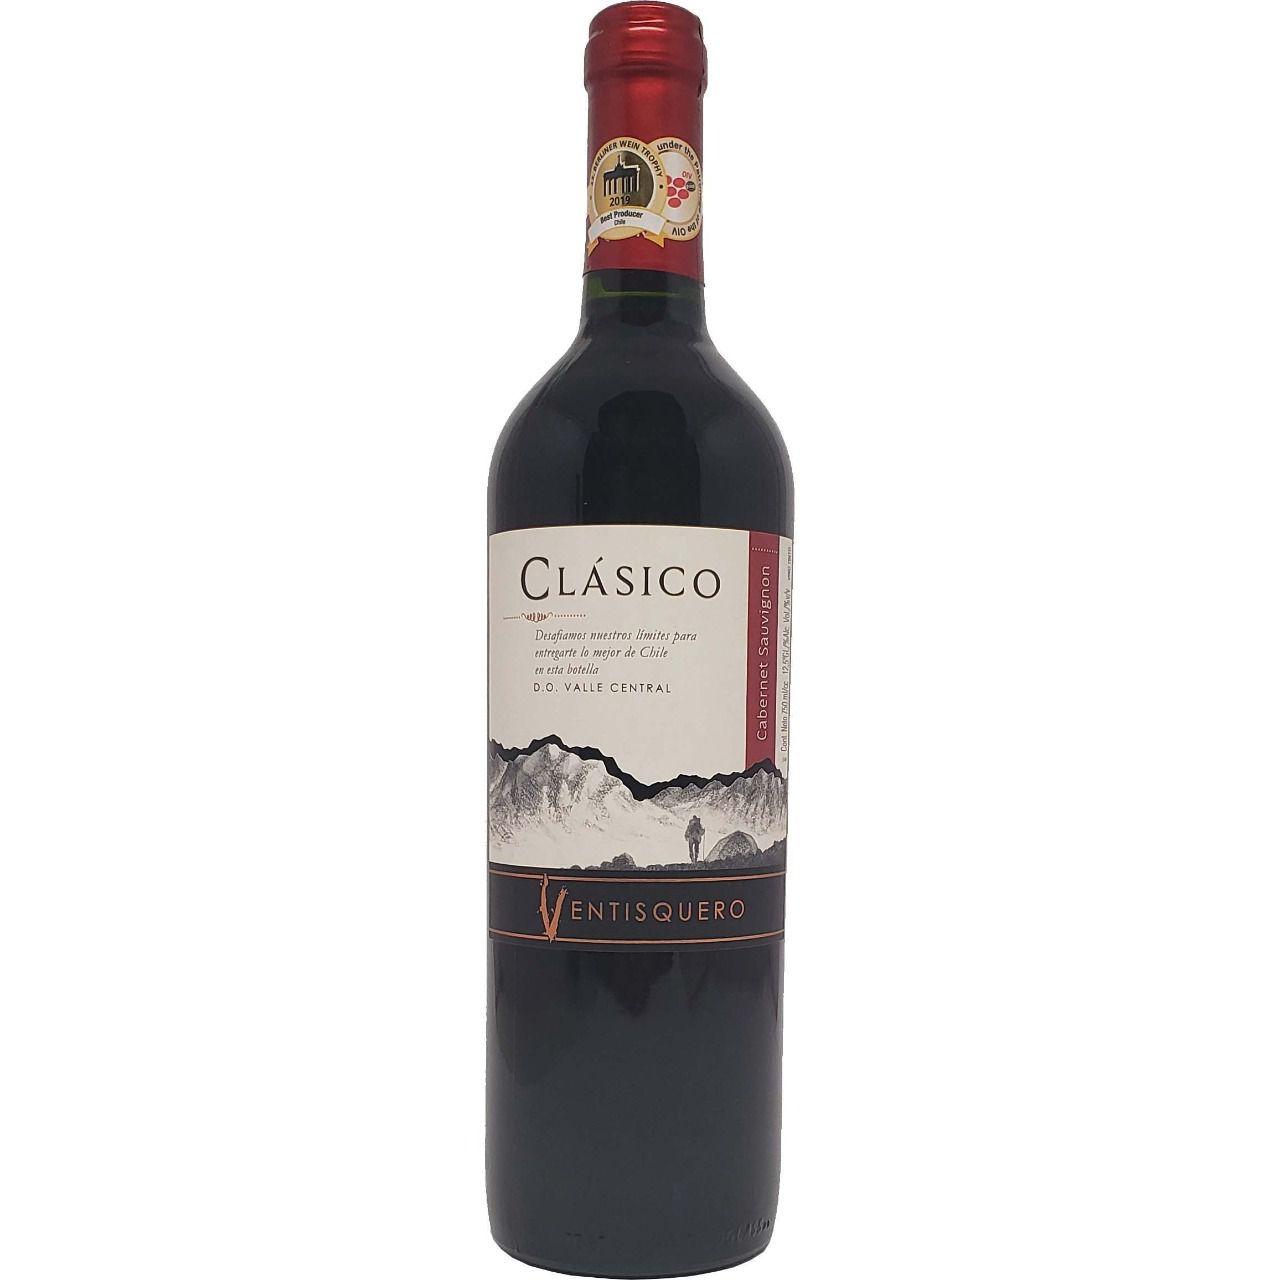 Vinho Tinto Clásico Ventisquero Cabernet Sauvignon - 750ml -